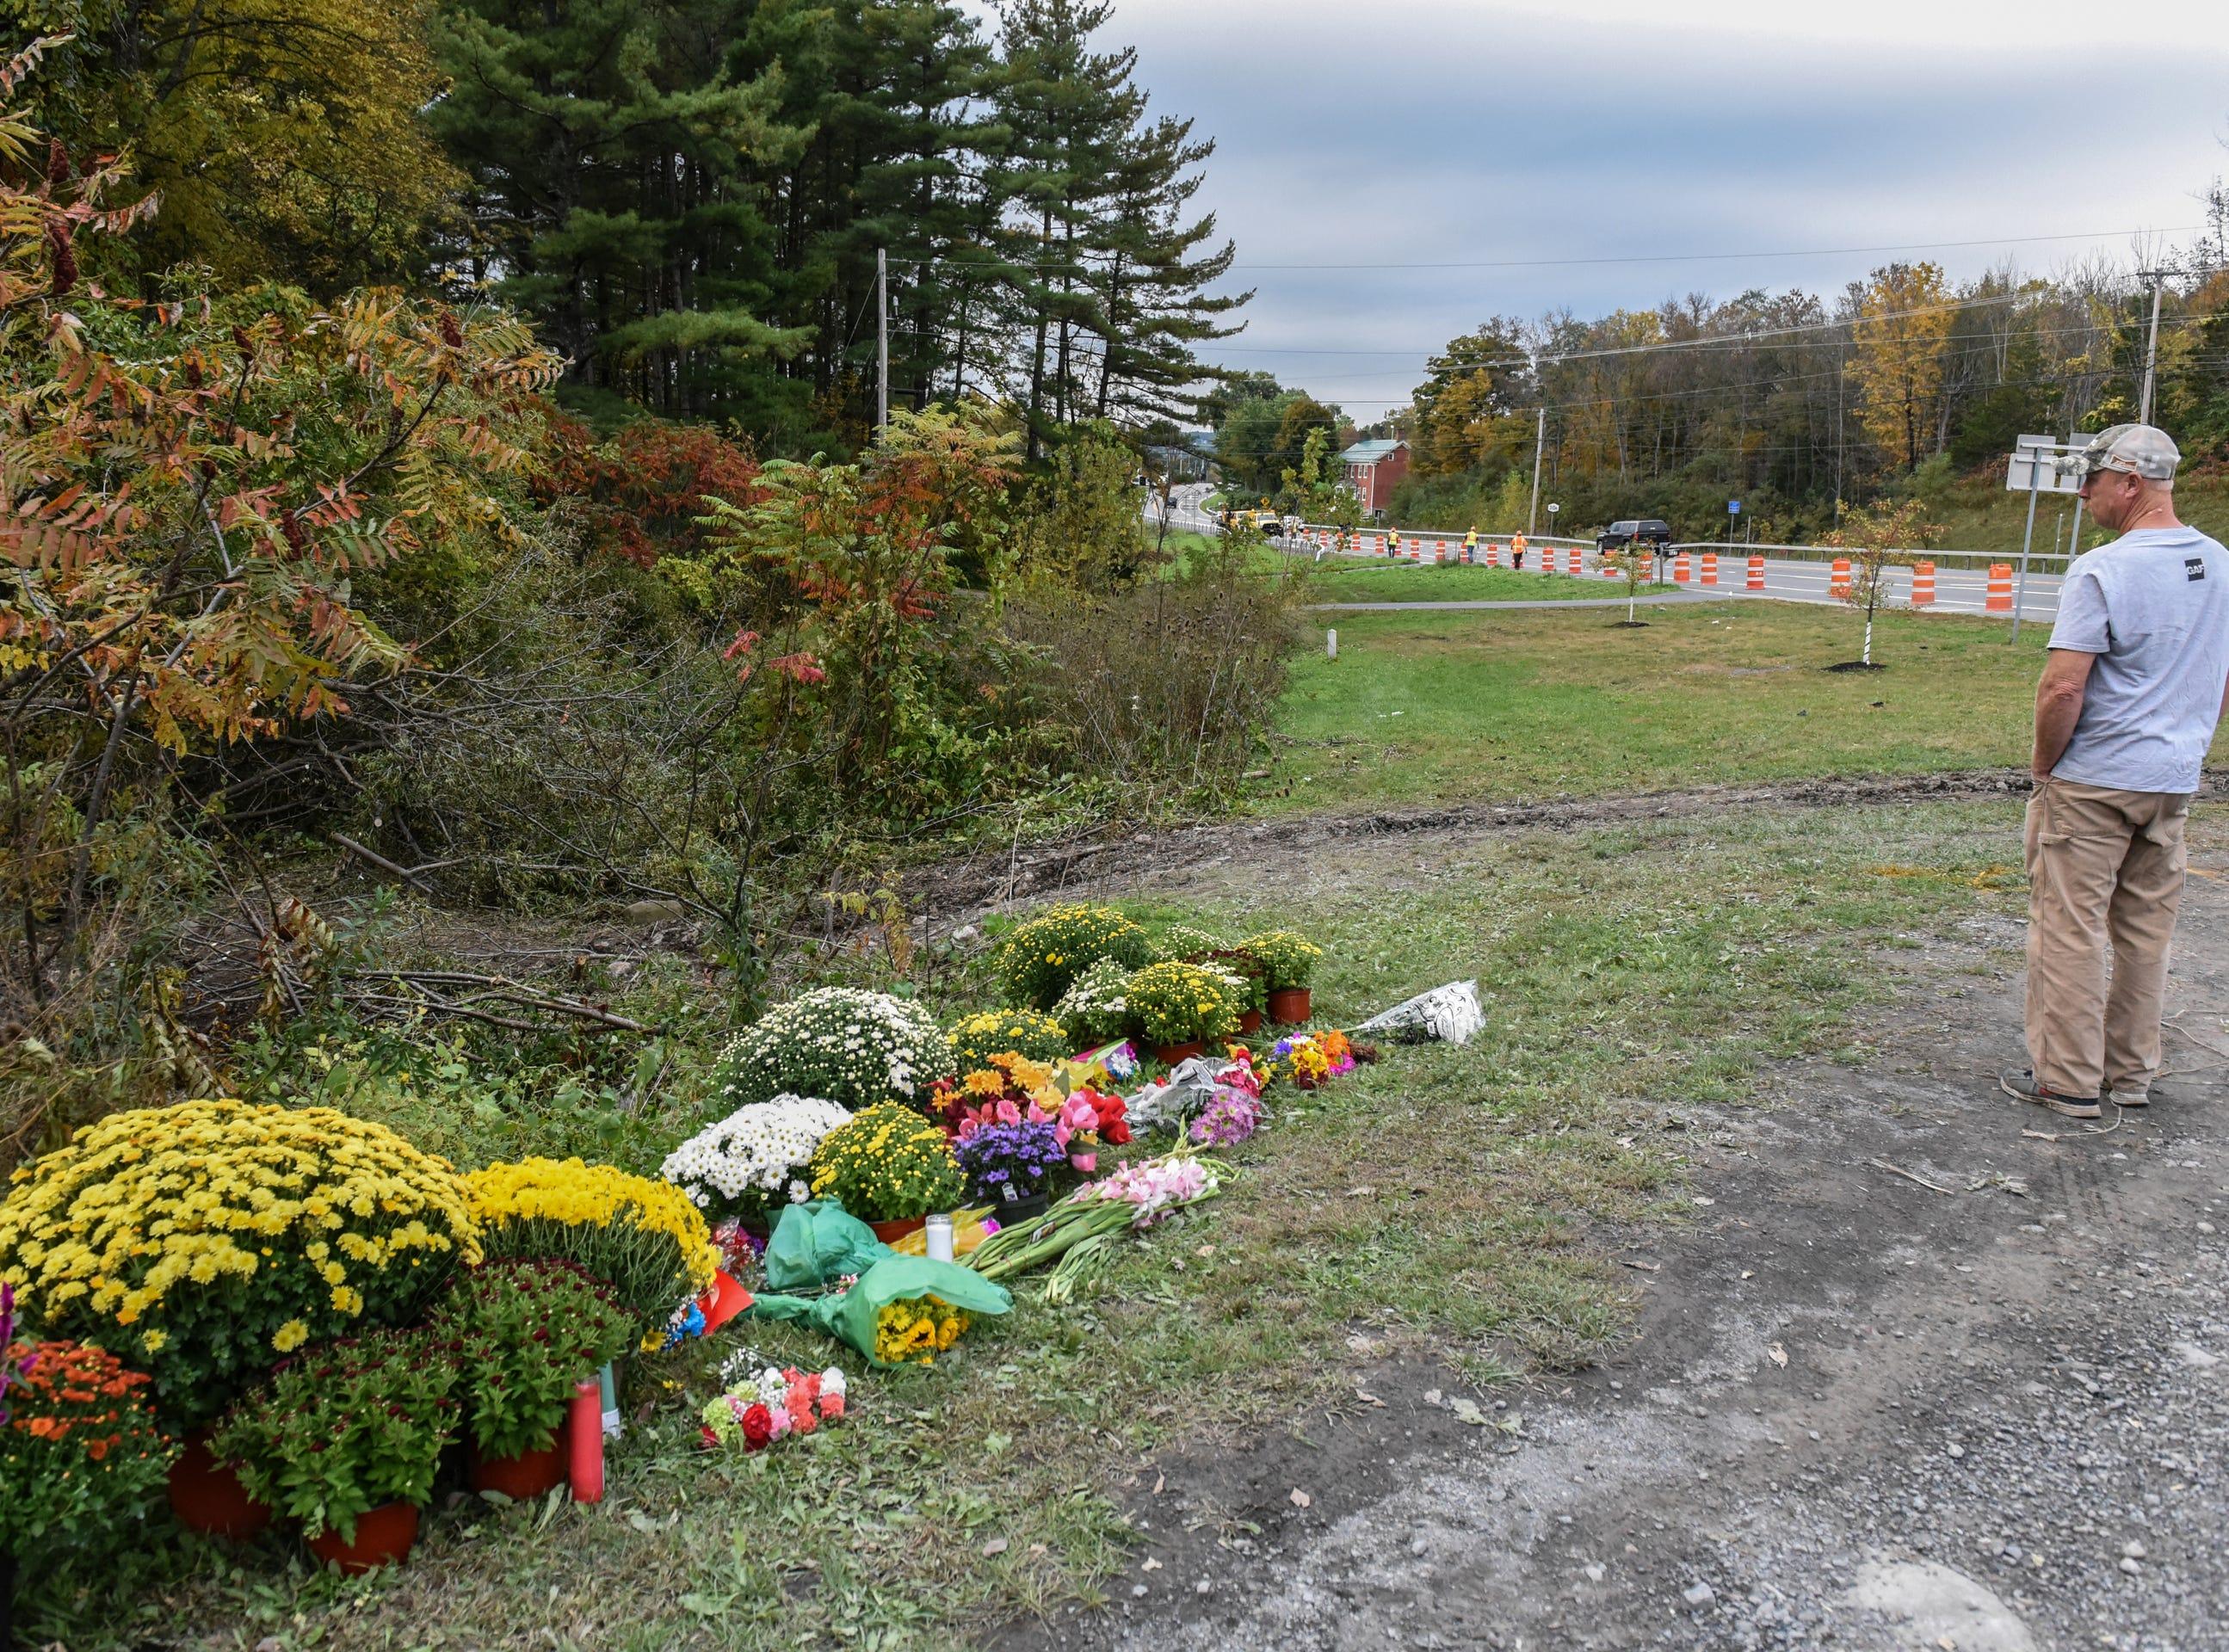 Un doliente mira el sitio del fatal accidente de limusina el 8 de octubre de 2018 en Schoharie, Nueva York. 20 personas murieron en el accidente, incluido el conductor de la limusina, 17 pasajeros y dos peatones. Las huellas de la limusina se pueden ver en el otro lado de las flores.